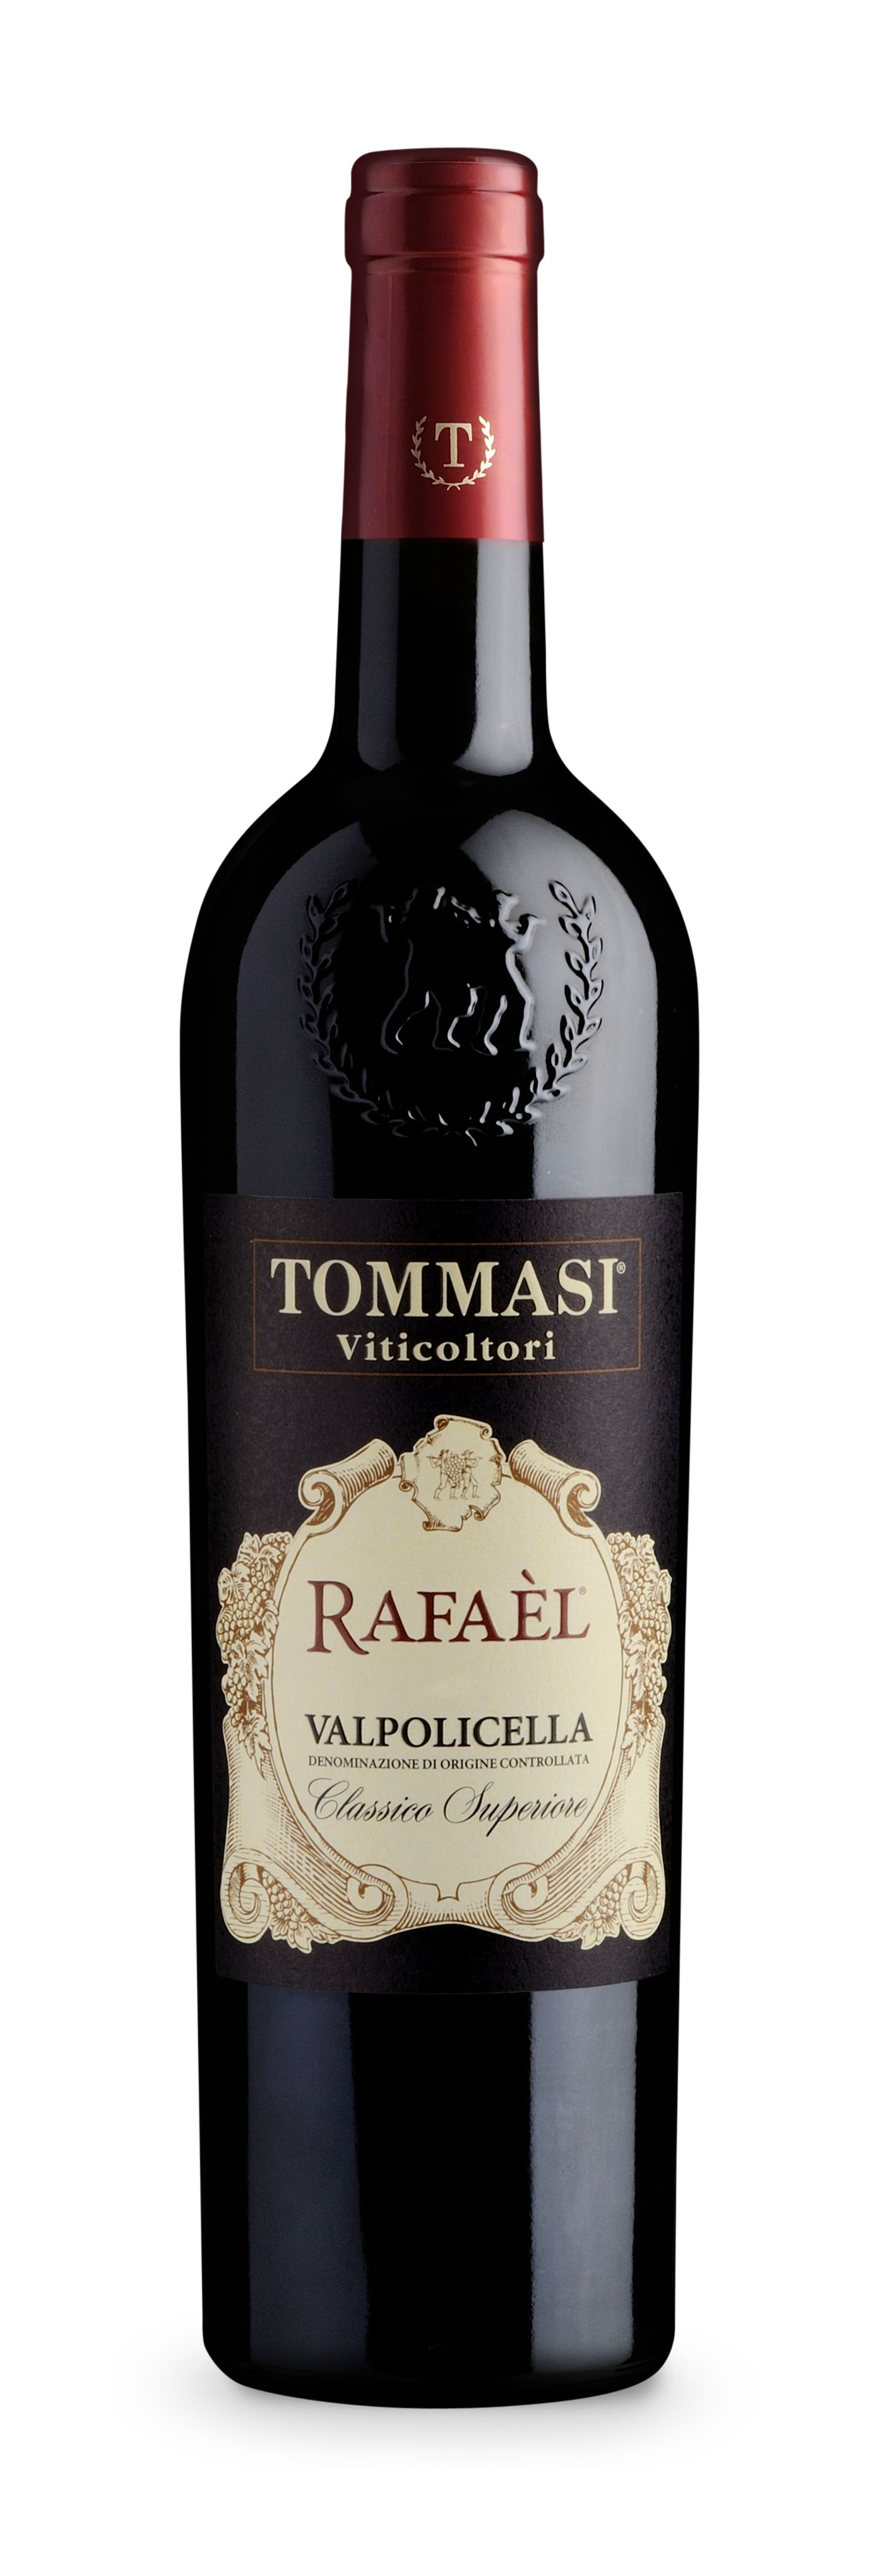 Tommasi Rafaèl Valpolicella Classico Superiore Doc #Tommasiwine www.tommasiwine.it